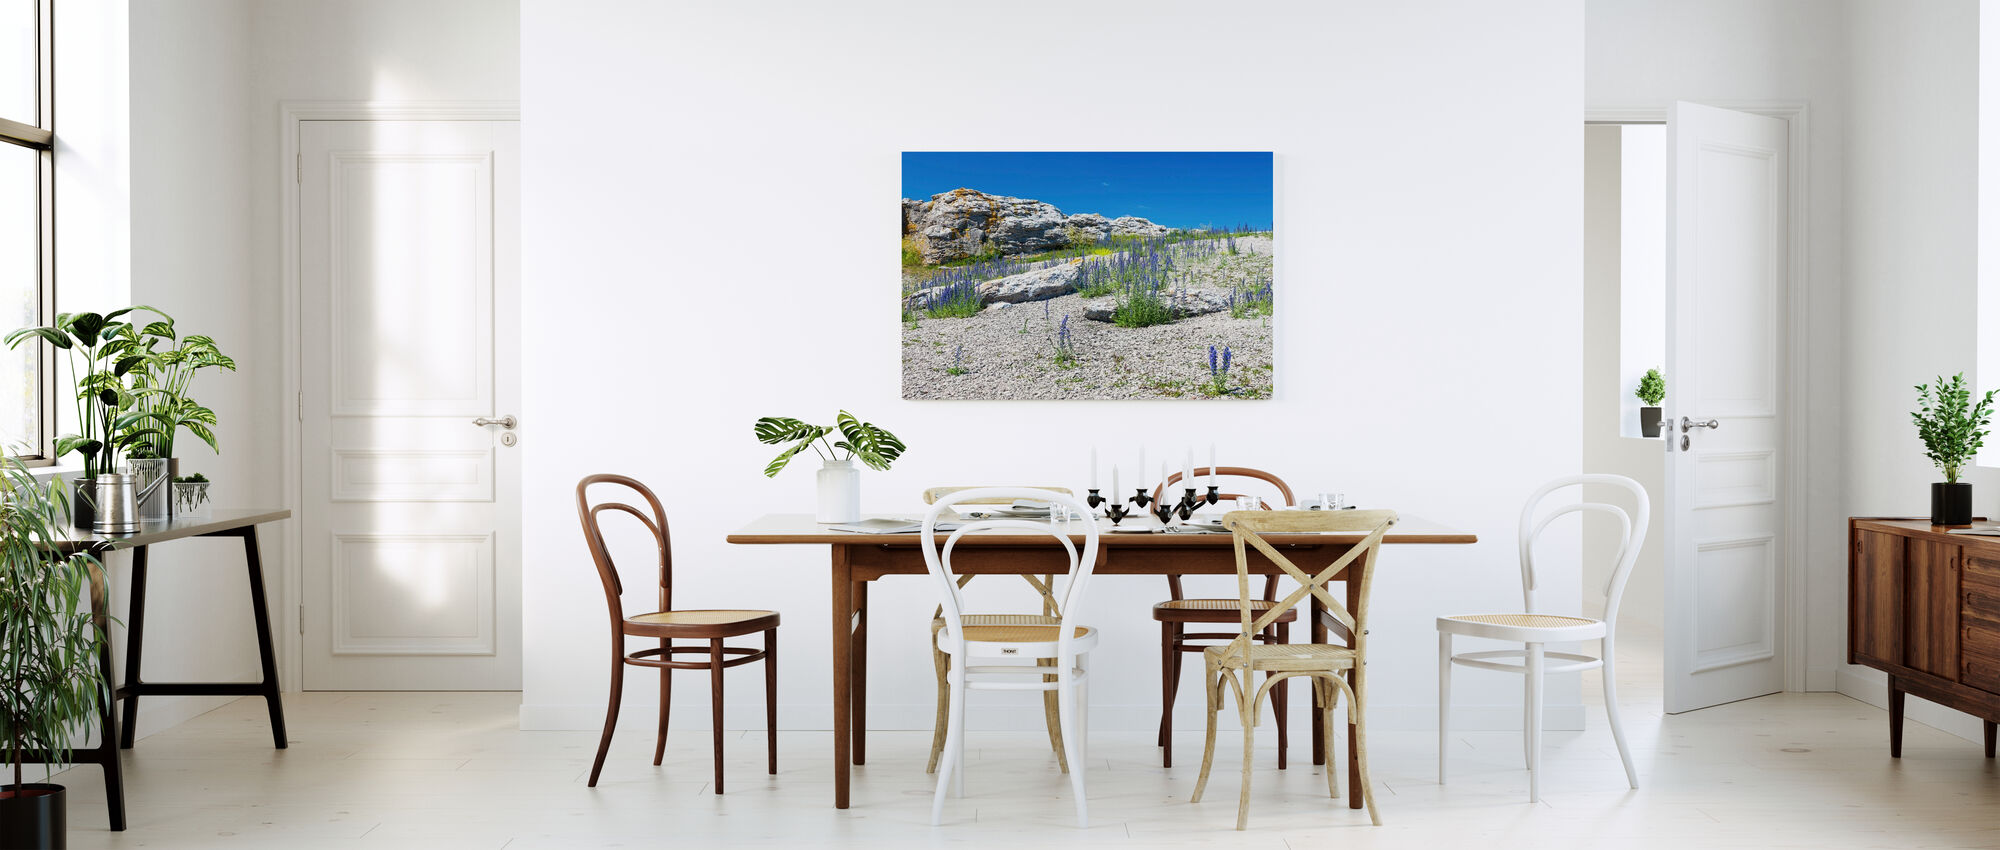 Rock Landscape in Gotland - Canvas print - Kitchen